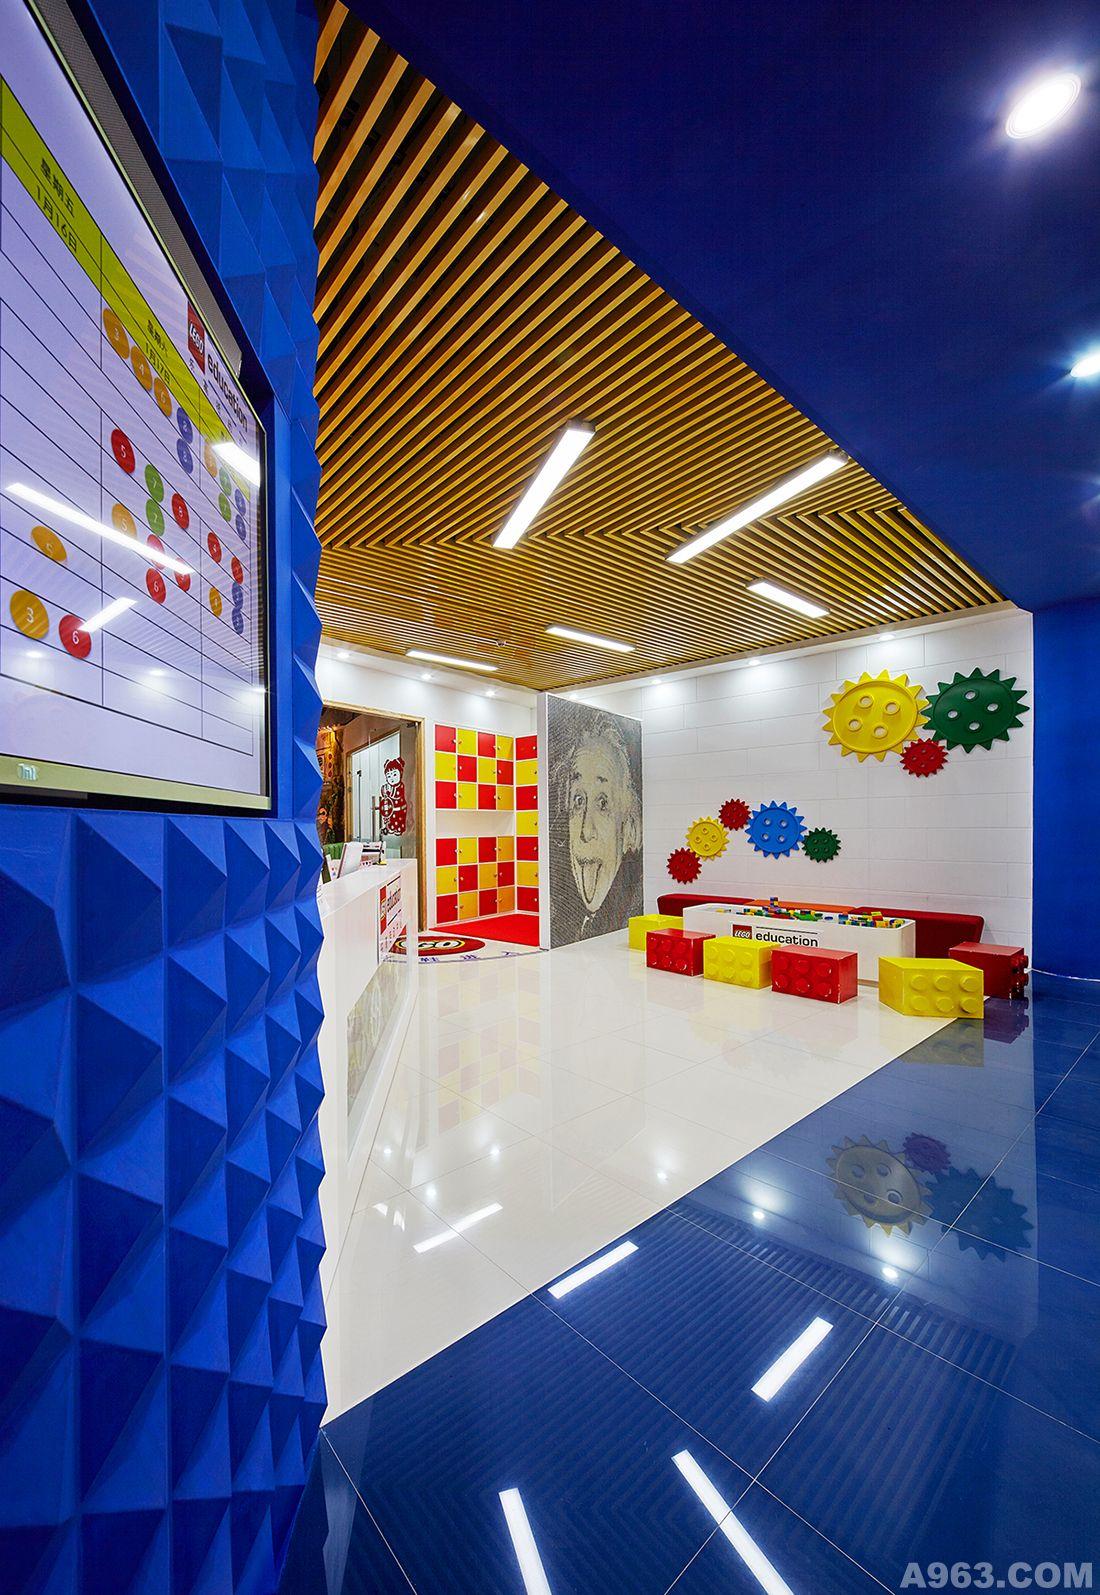 走进乐高,就宛如走入一个迷你世界,到处体现着LEGO文化。